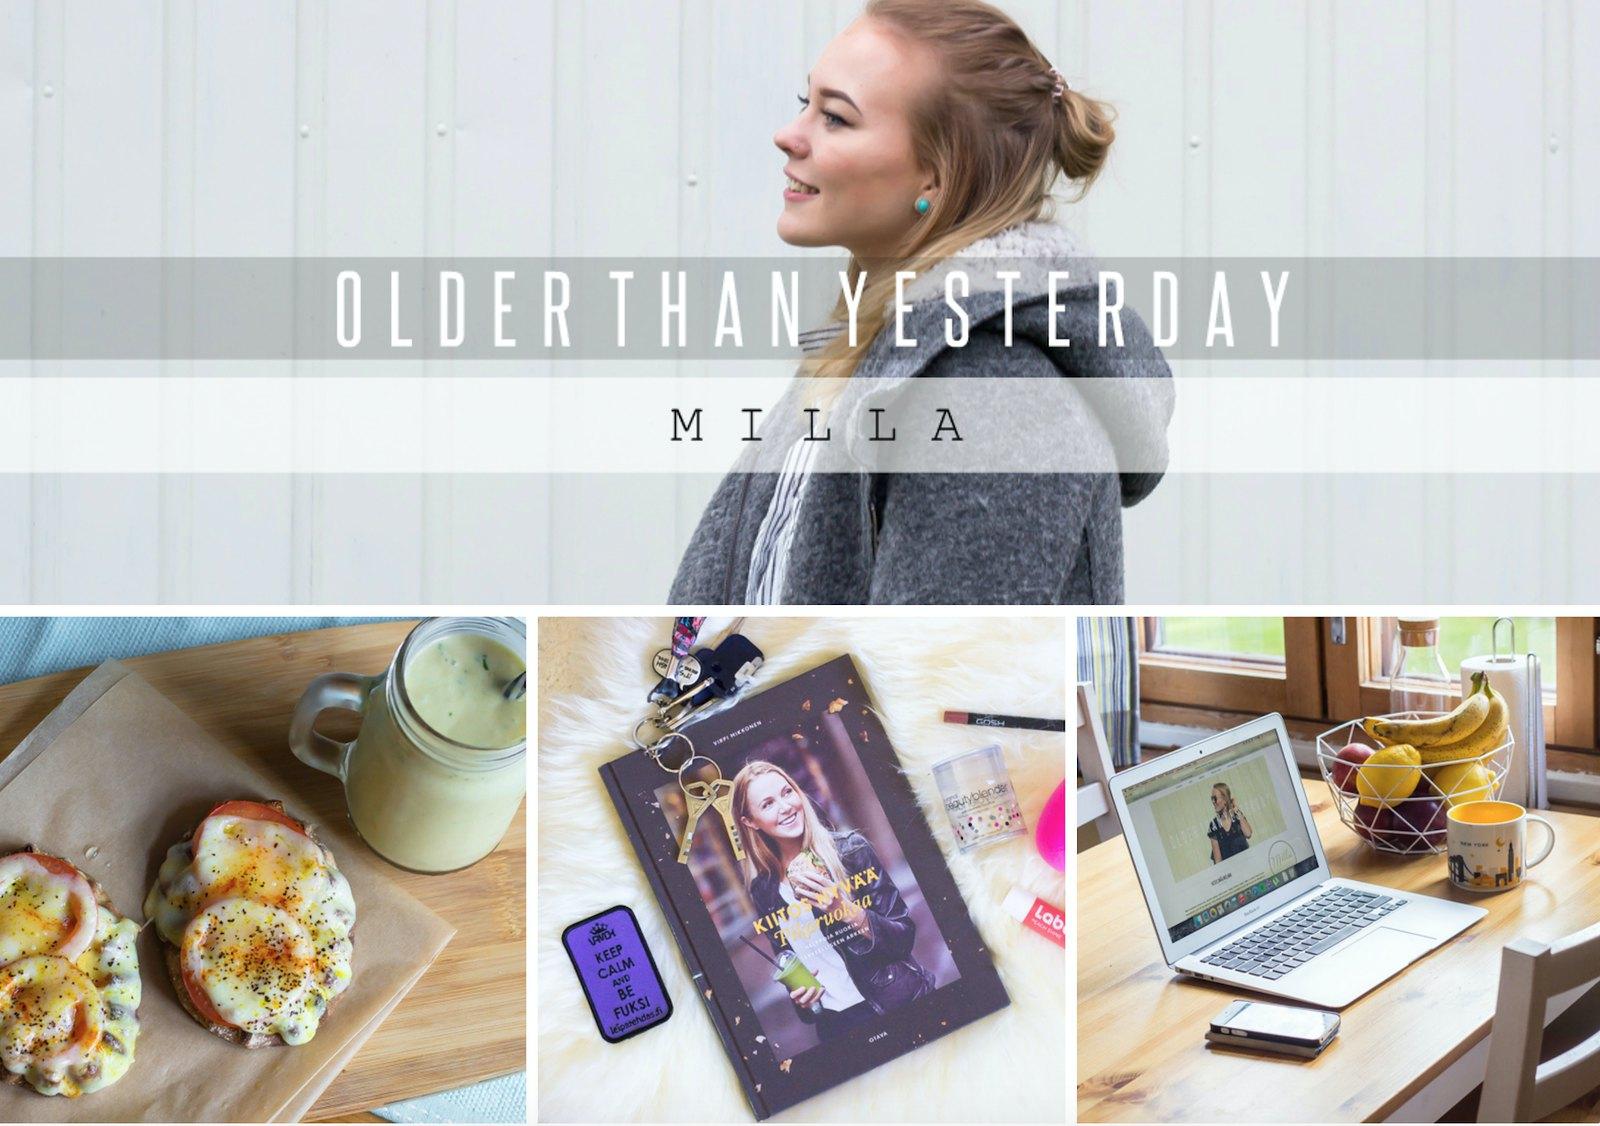 http://olderthanyesterday.blogspot.fi